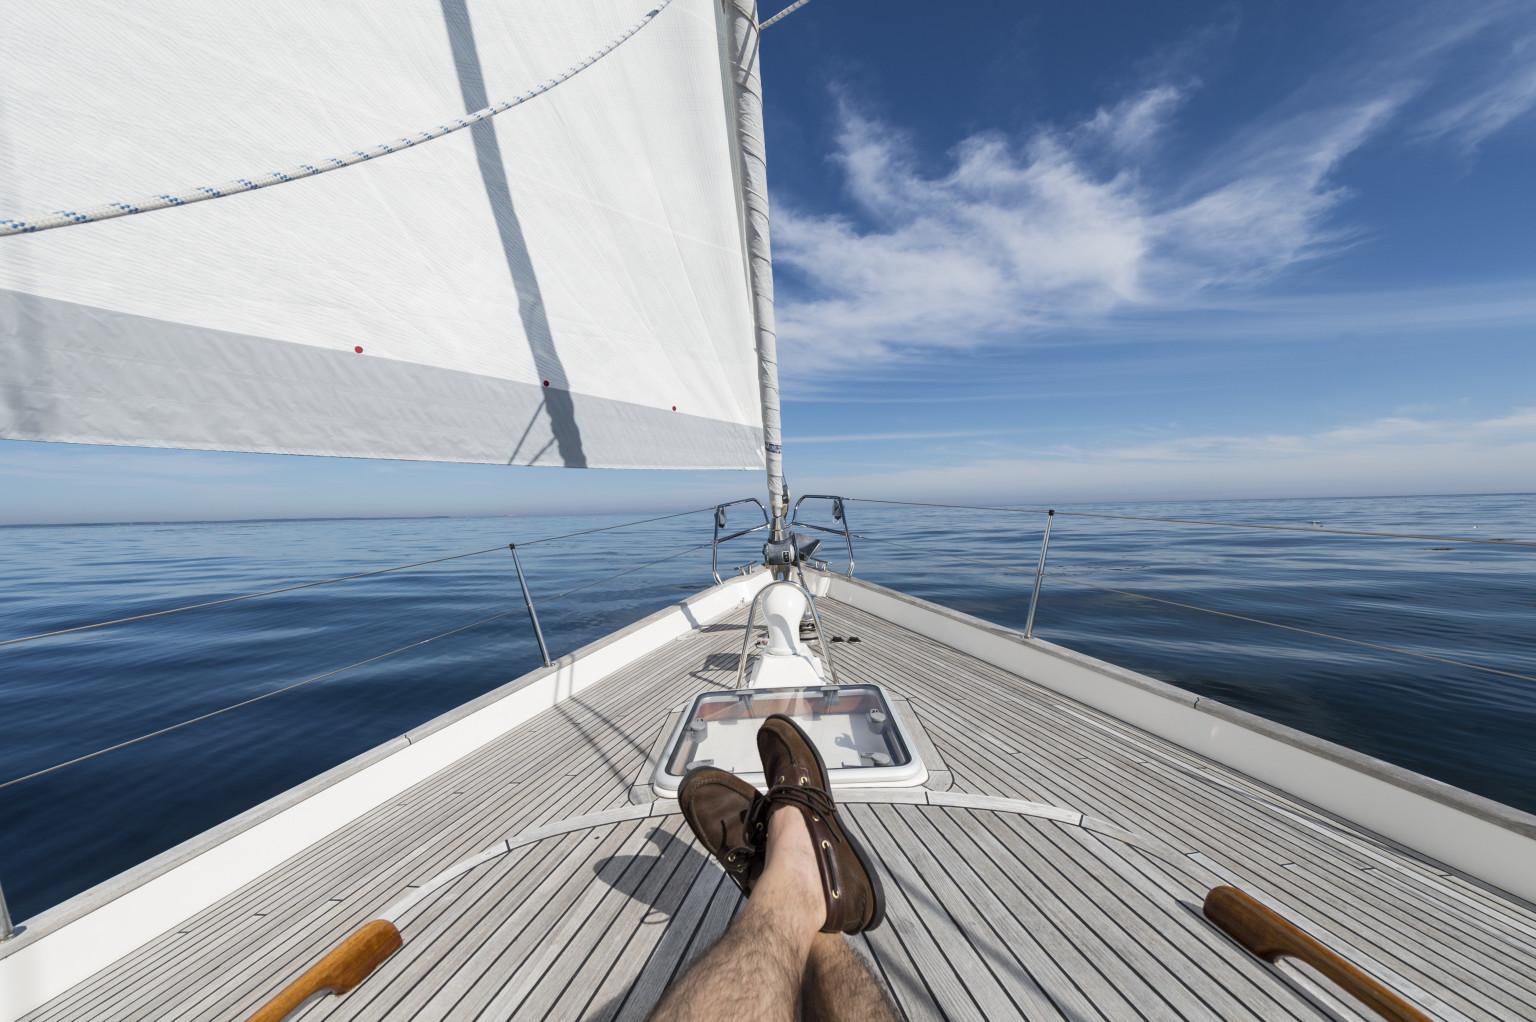 jahiga merele